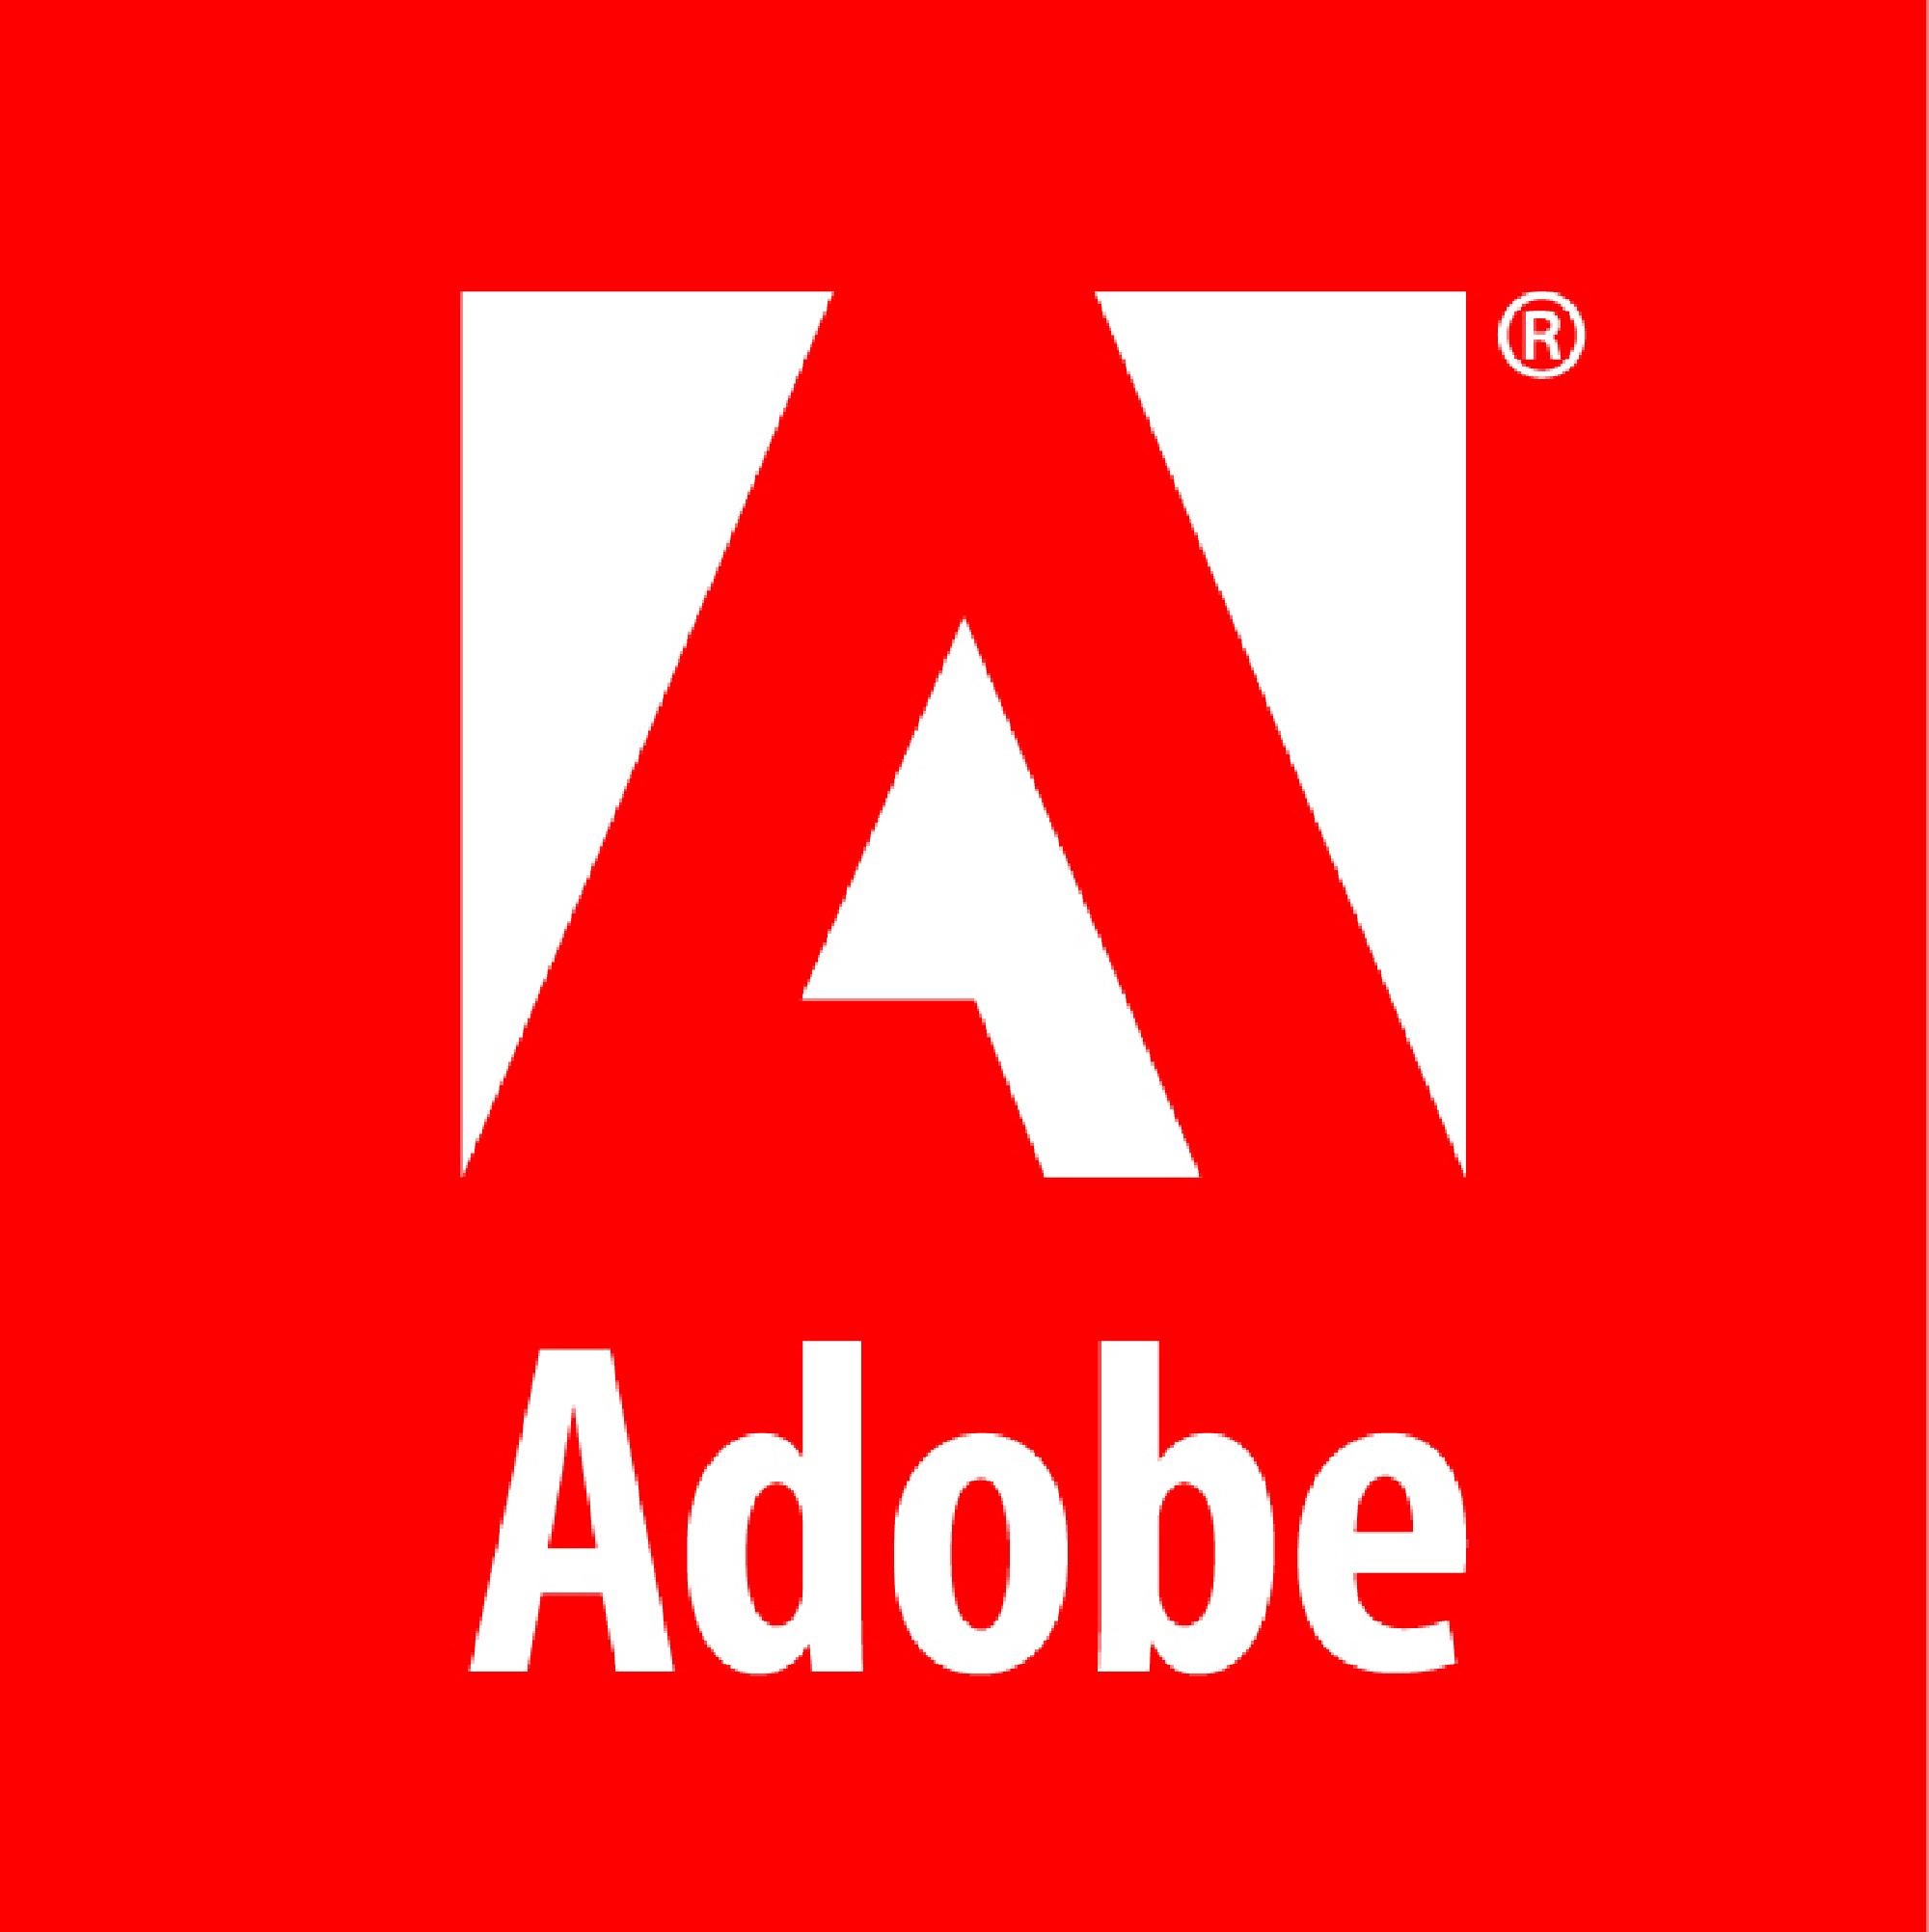 Adobe-logo-11.png